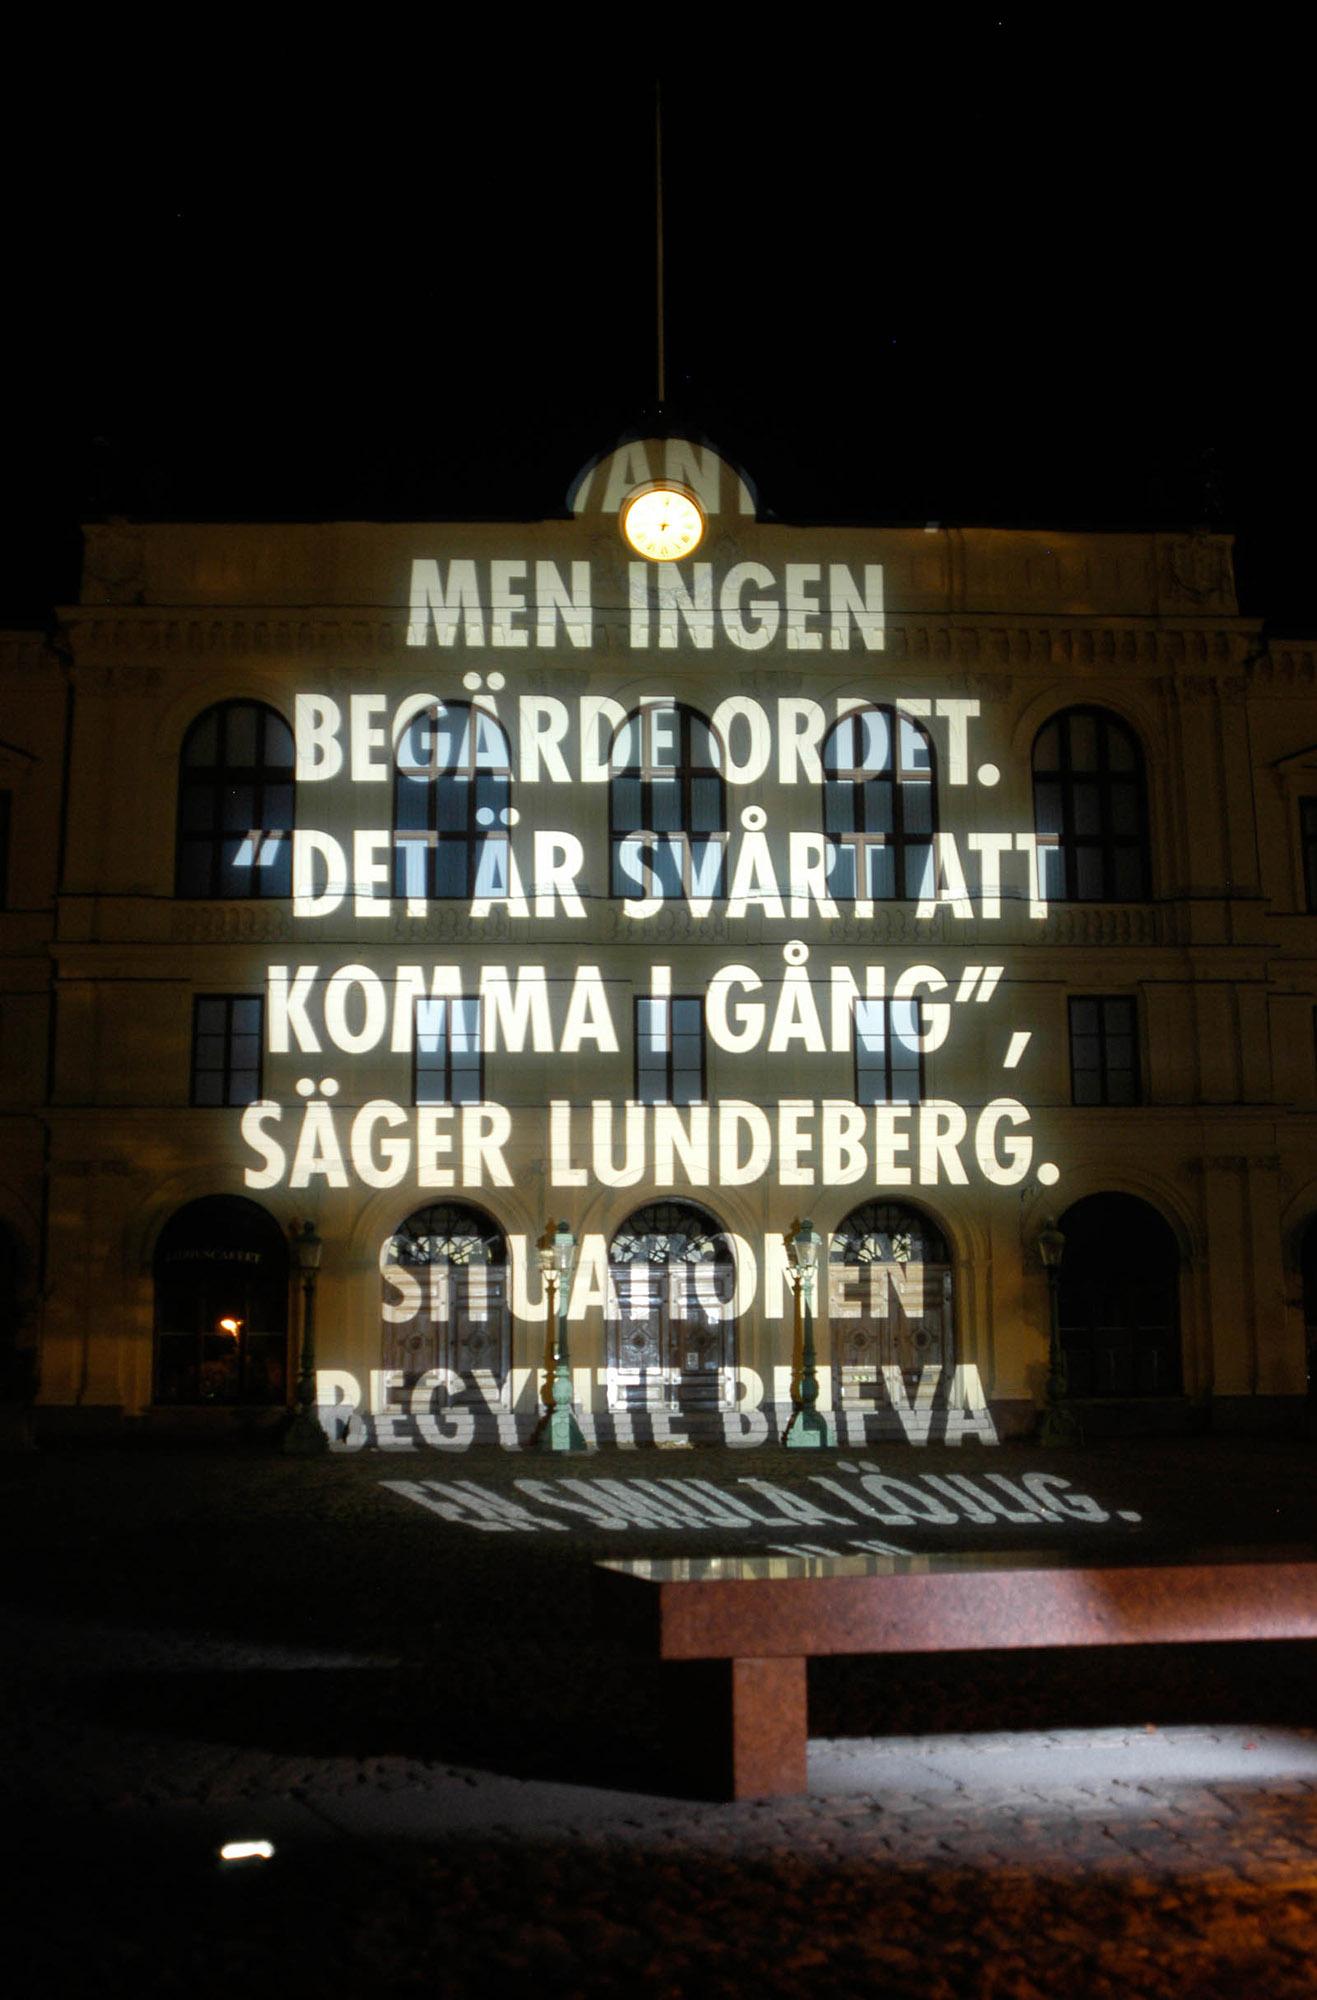 """Ljusskrift projicerad på husfasad. Det står: """"Men ingen begärde ordet. Det är svårt att komma igång säger Lundeberg. Situationen begynte blifva smått löjlig."""" Jenny Holzer, For Karlstad."""